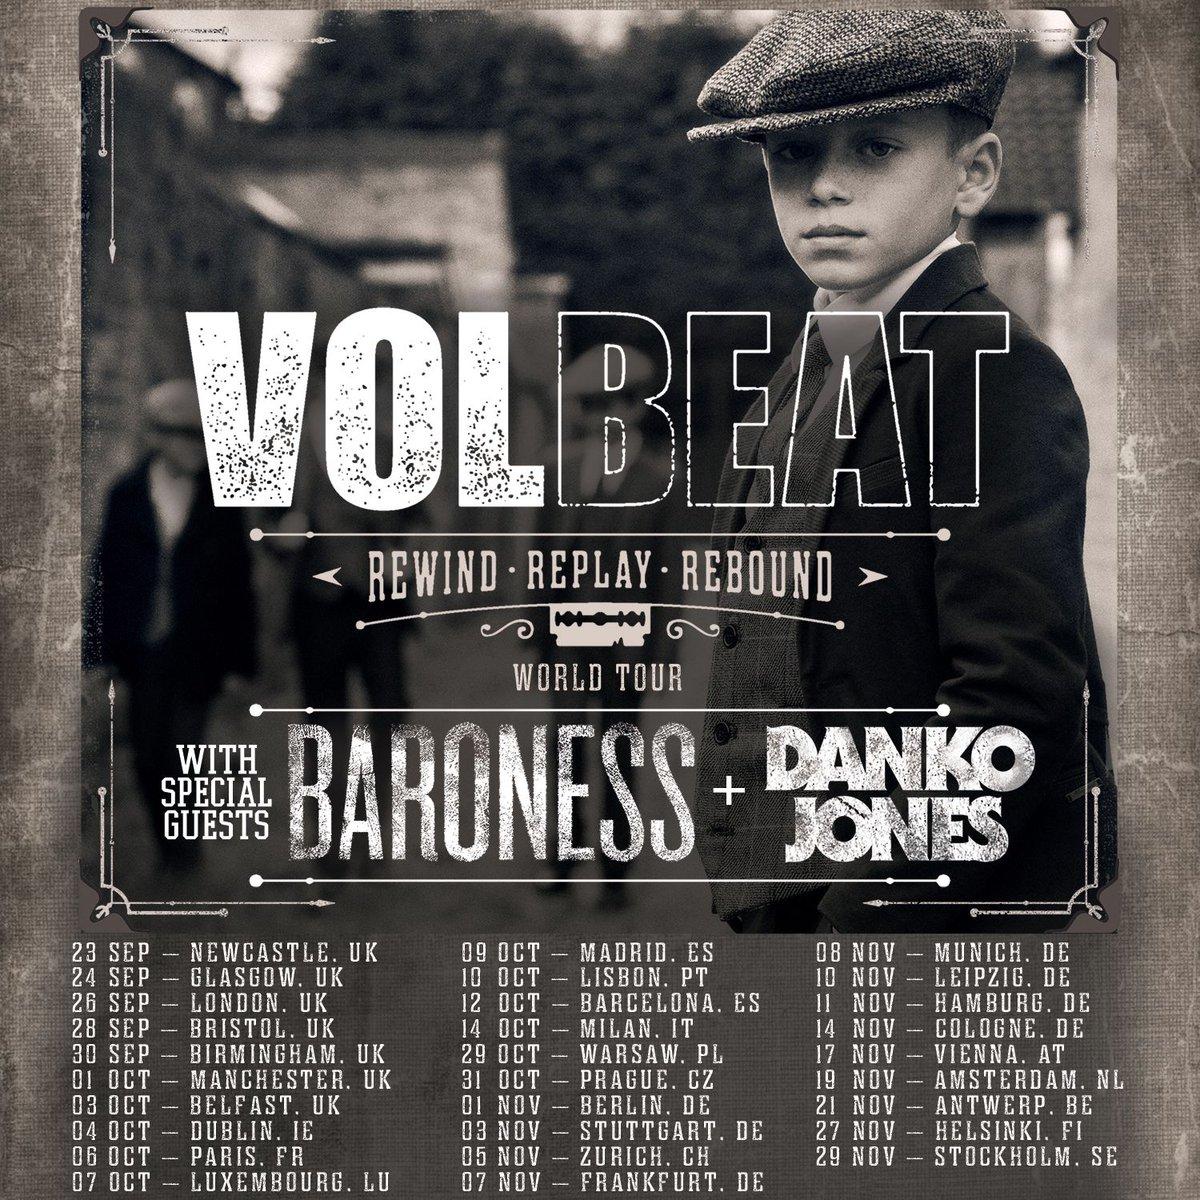 Volbeat Us Tour 2020 Volbeat on Twitter: